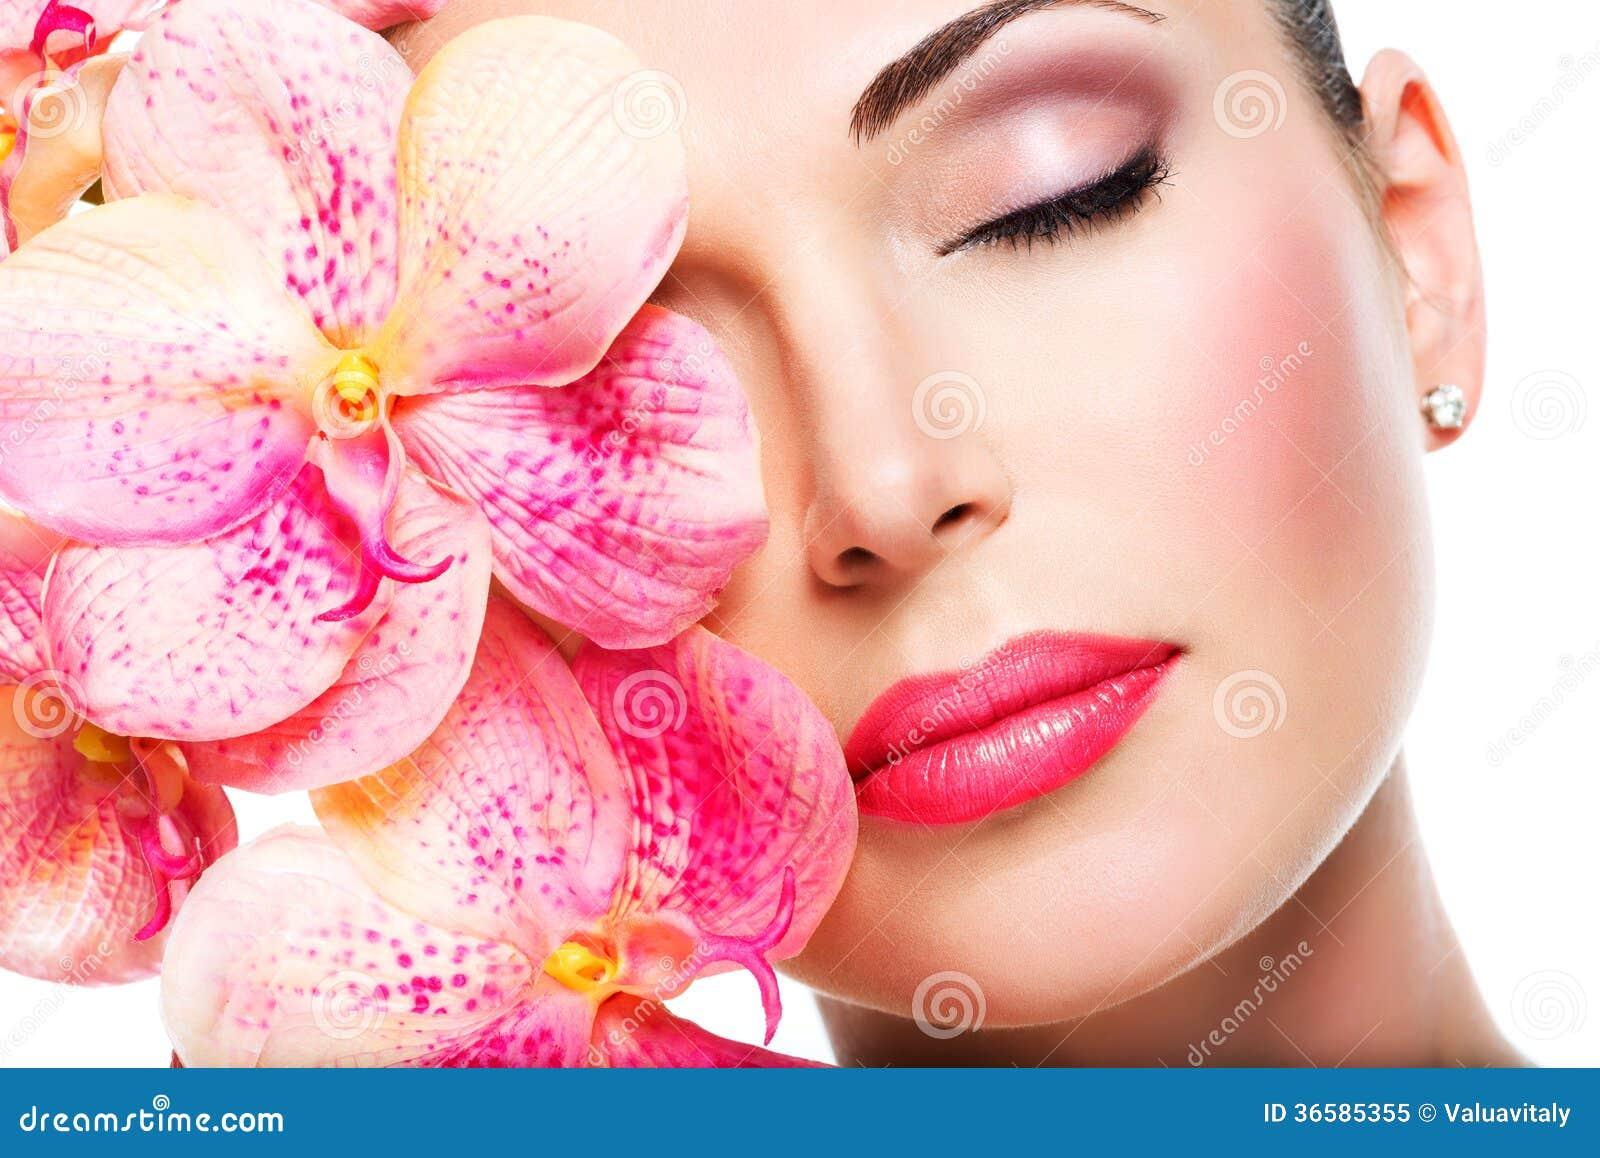 Χαλαρωμένο όμορφο πρόσωπο ενός νέου κοριτσιού με το σαφές δέρμα και το ροζ